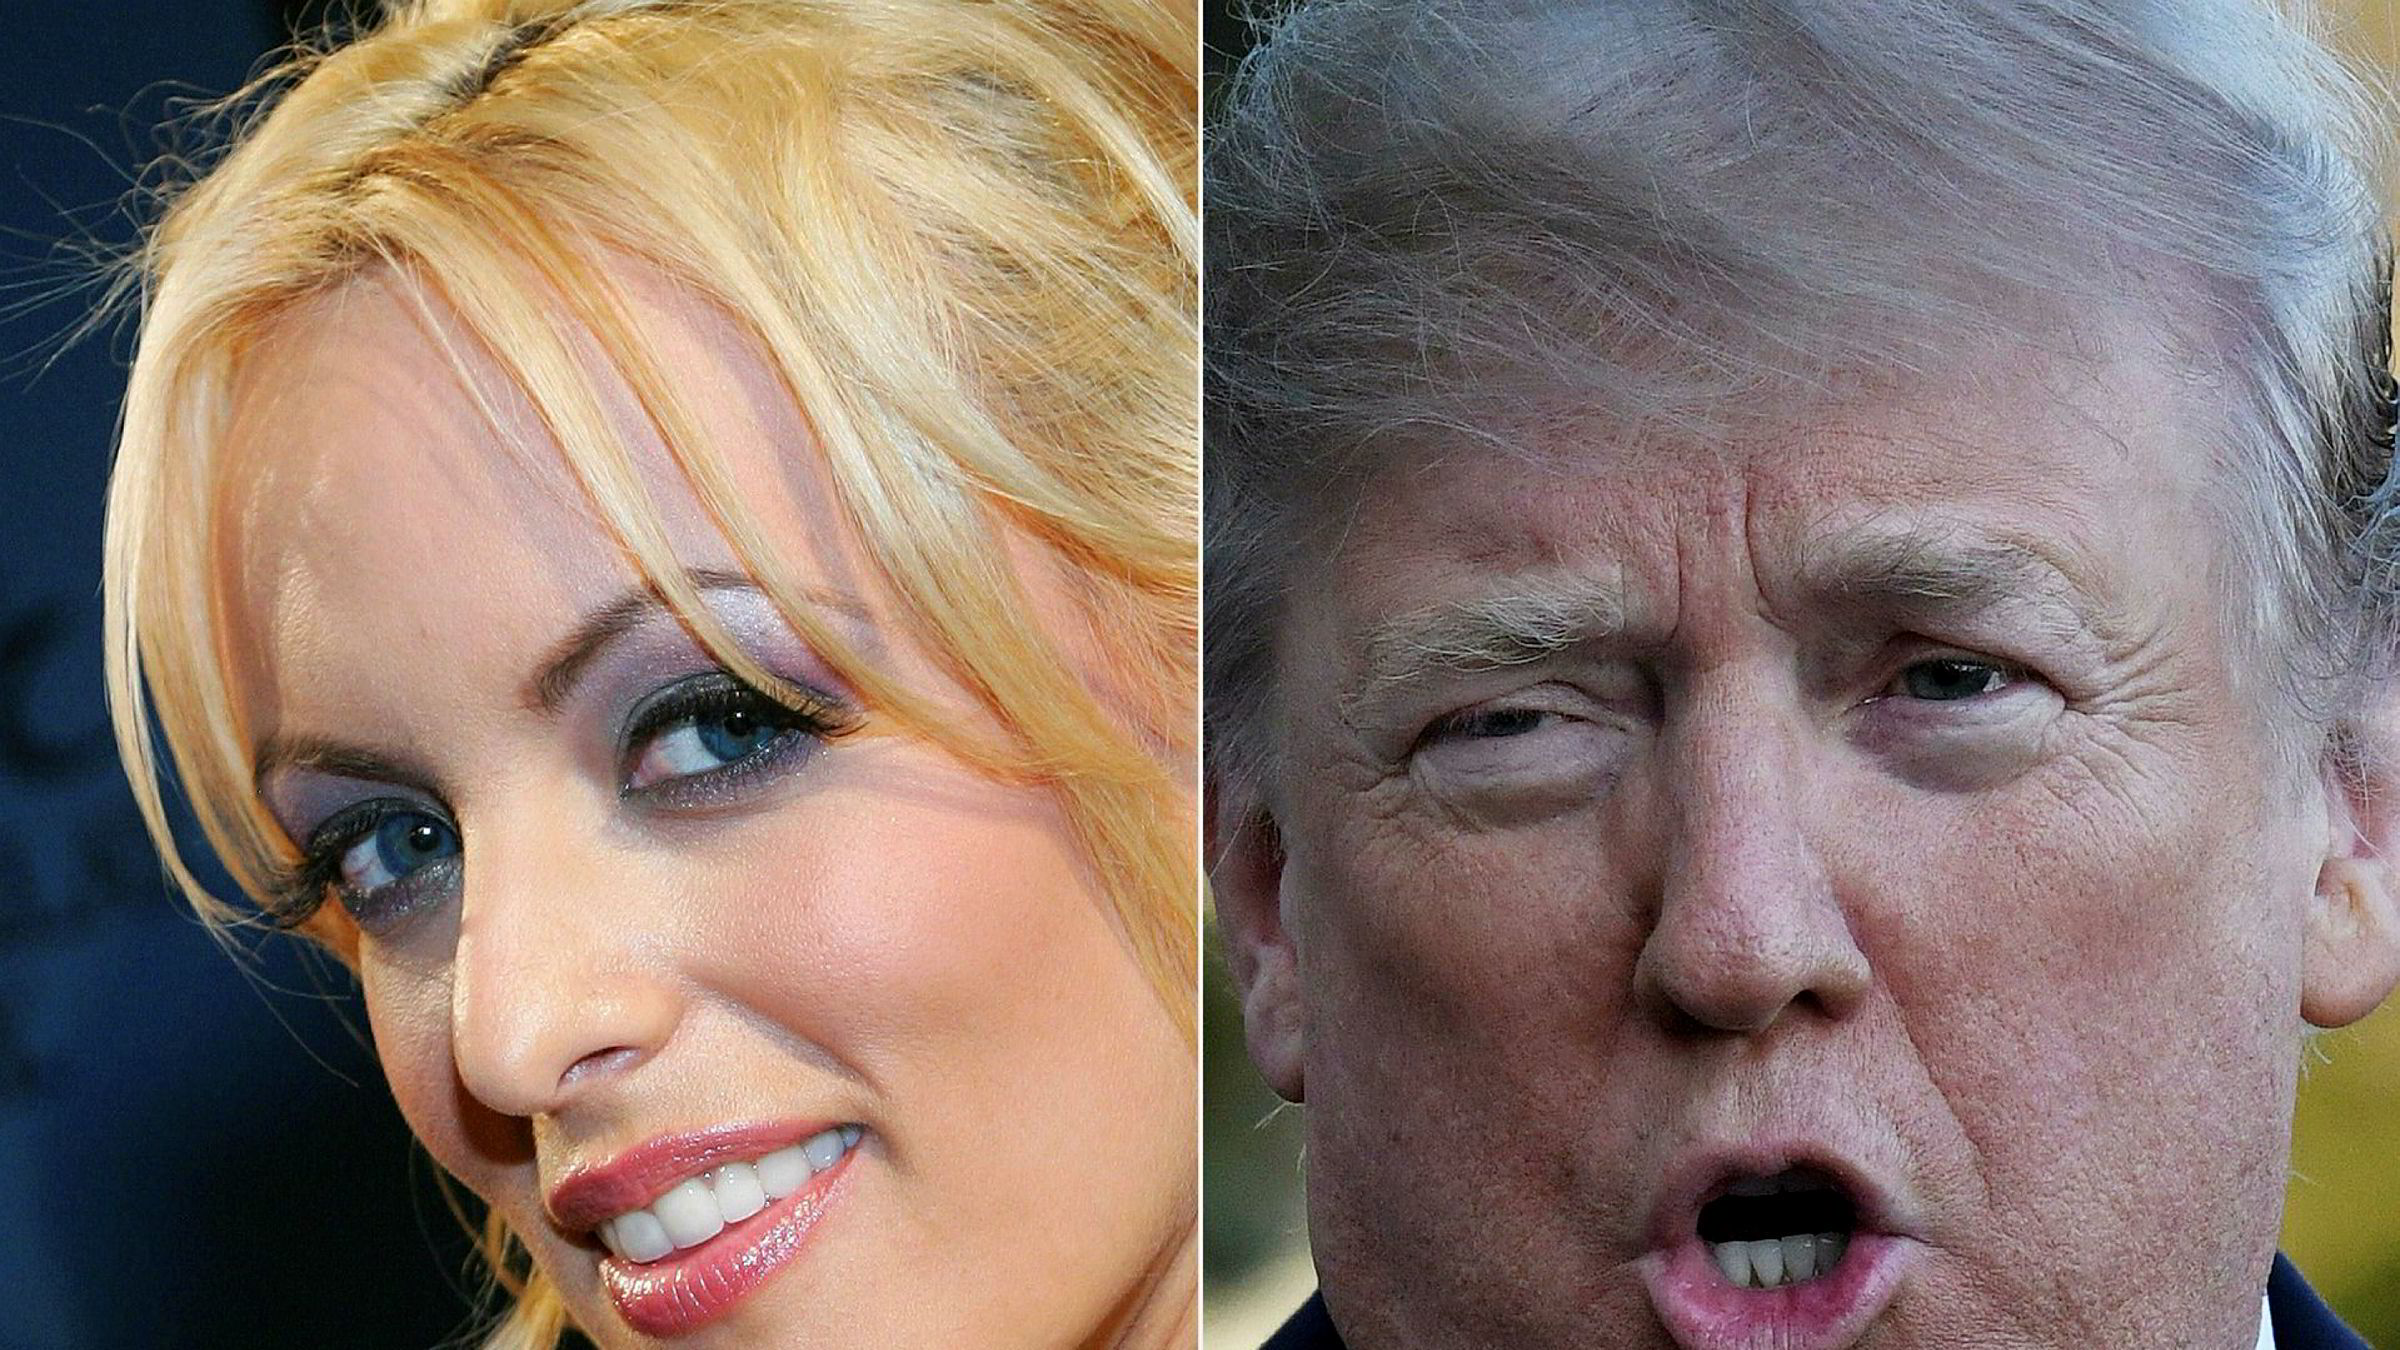 Pornostjernen Stormy Daniels hevder hun hadde et forhold til Donald Trump i 2006. I 2016, rett før presidentvalget, betalte Trumps personlige advokat henne 130.000 dollar. Nå bekrefter Trumps selvangivelse at han betalte et tilsvarende beløp til advokaten i 2017.